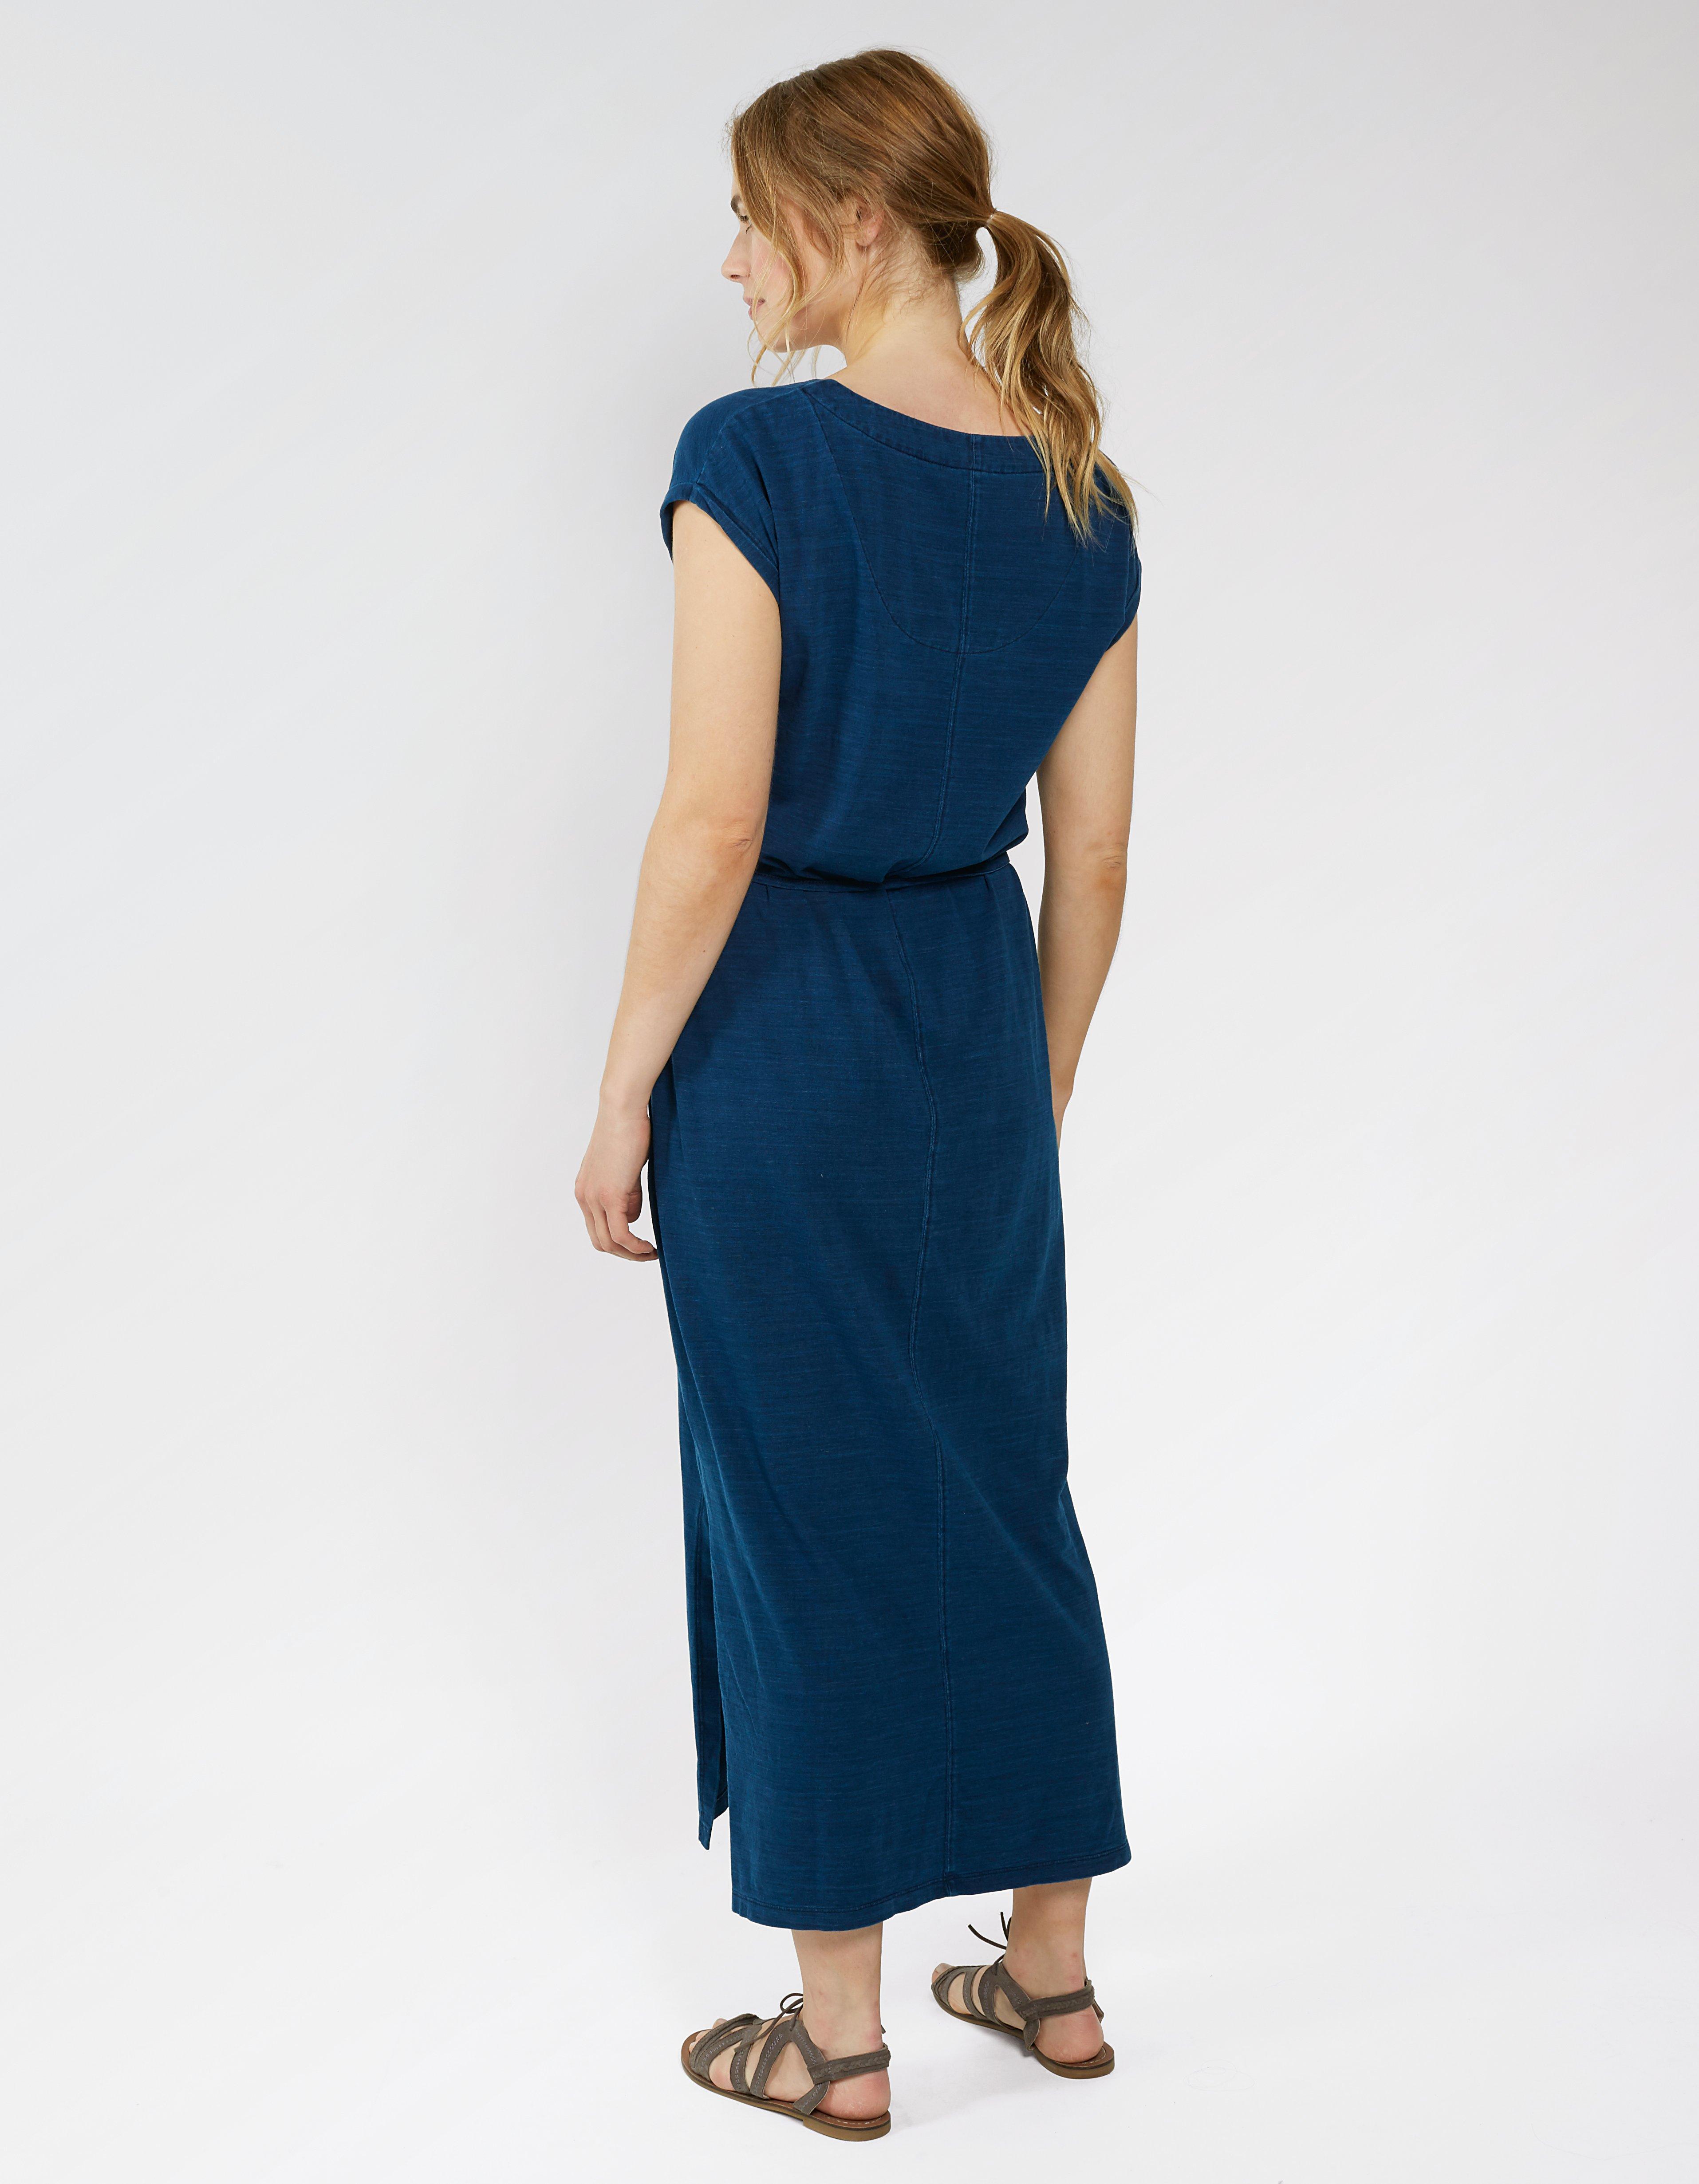 Amanda T-Shirt Maxi Dress